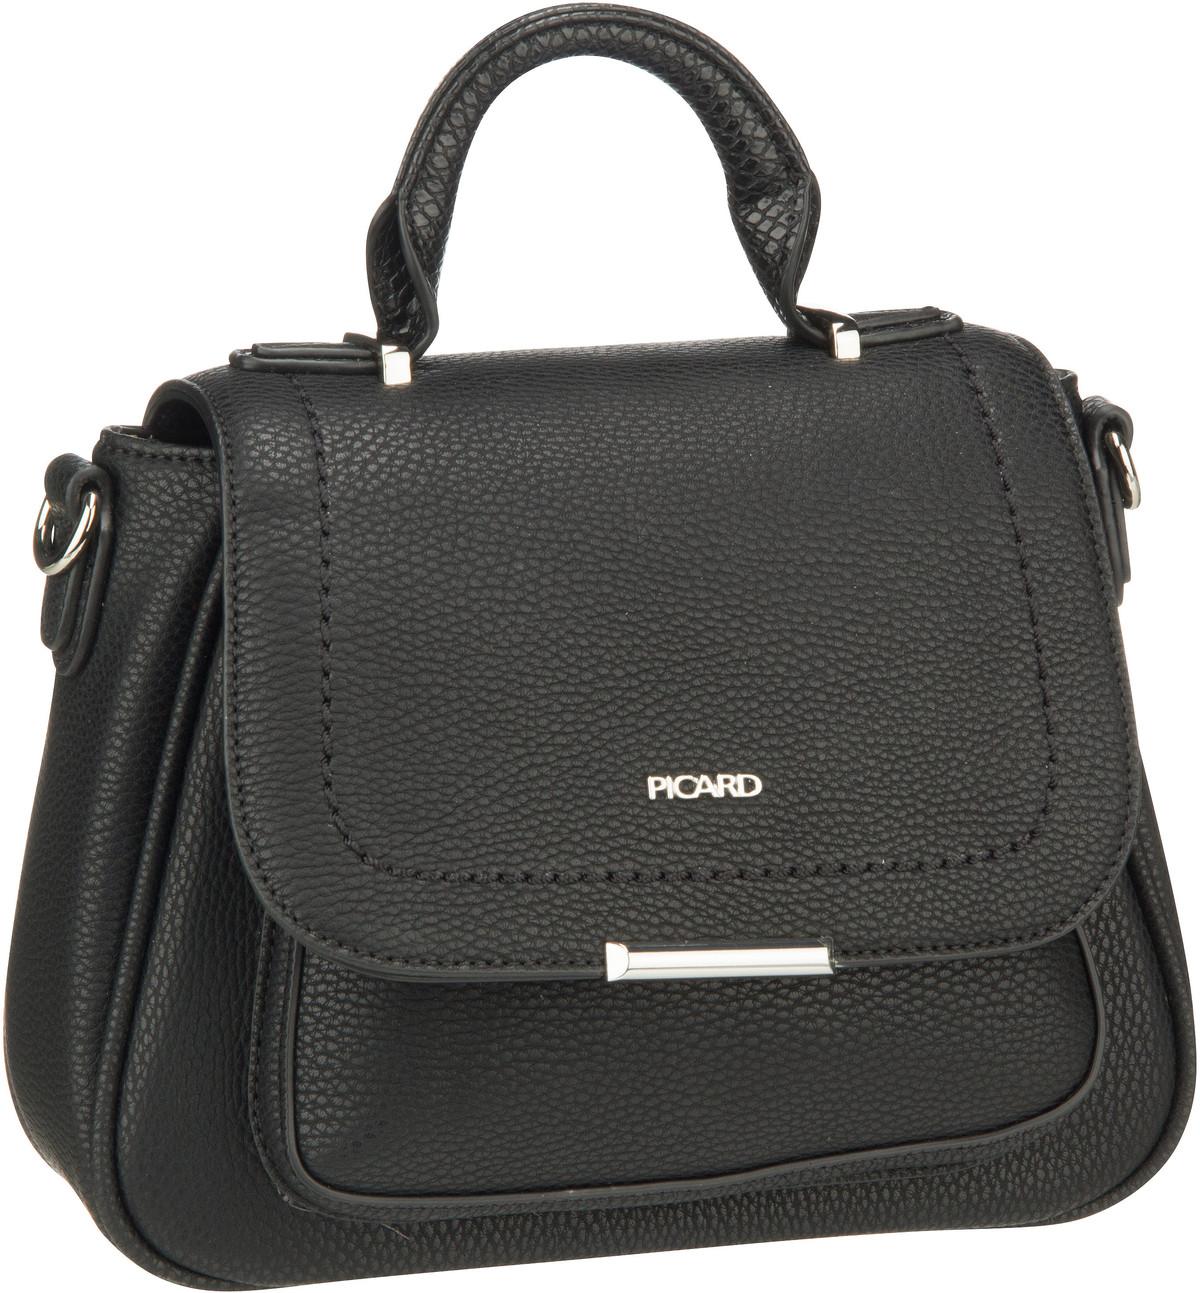 Handtasche Classy 2771 Schwarz